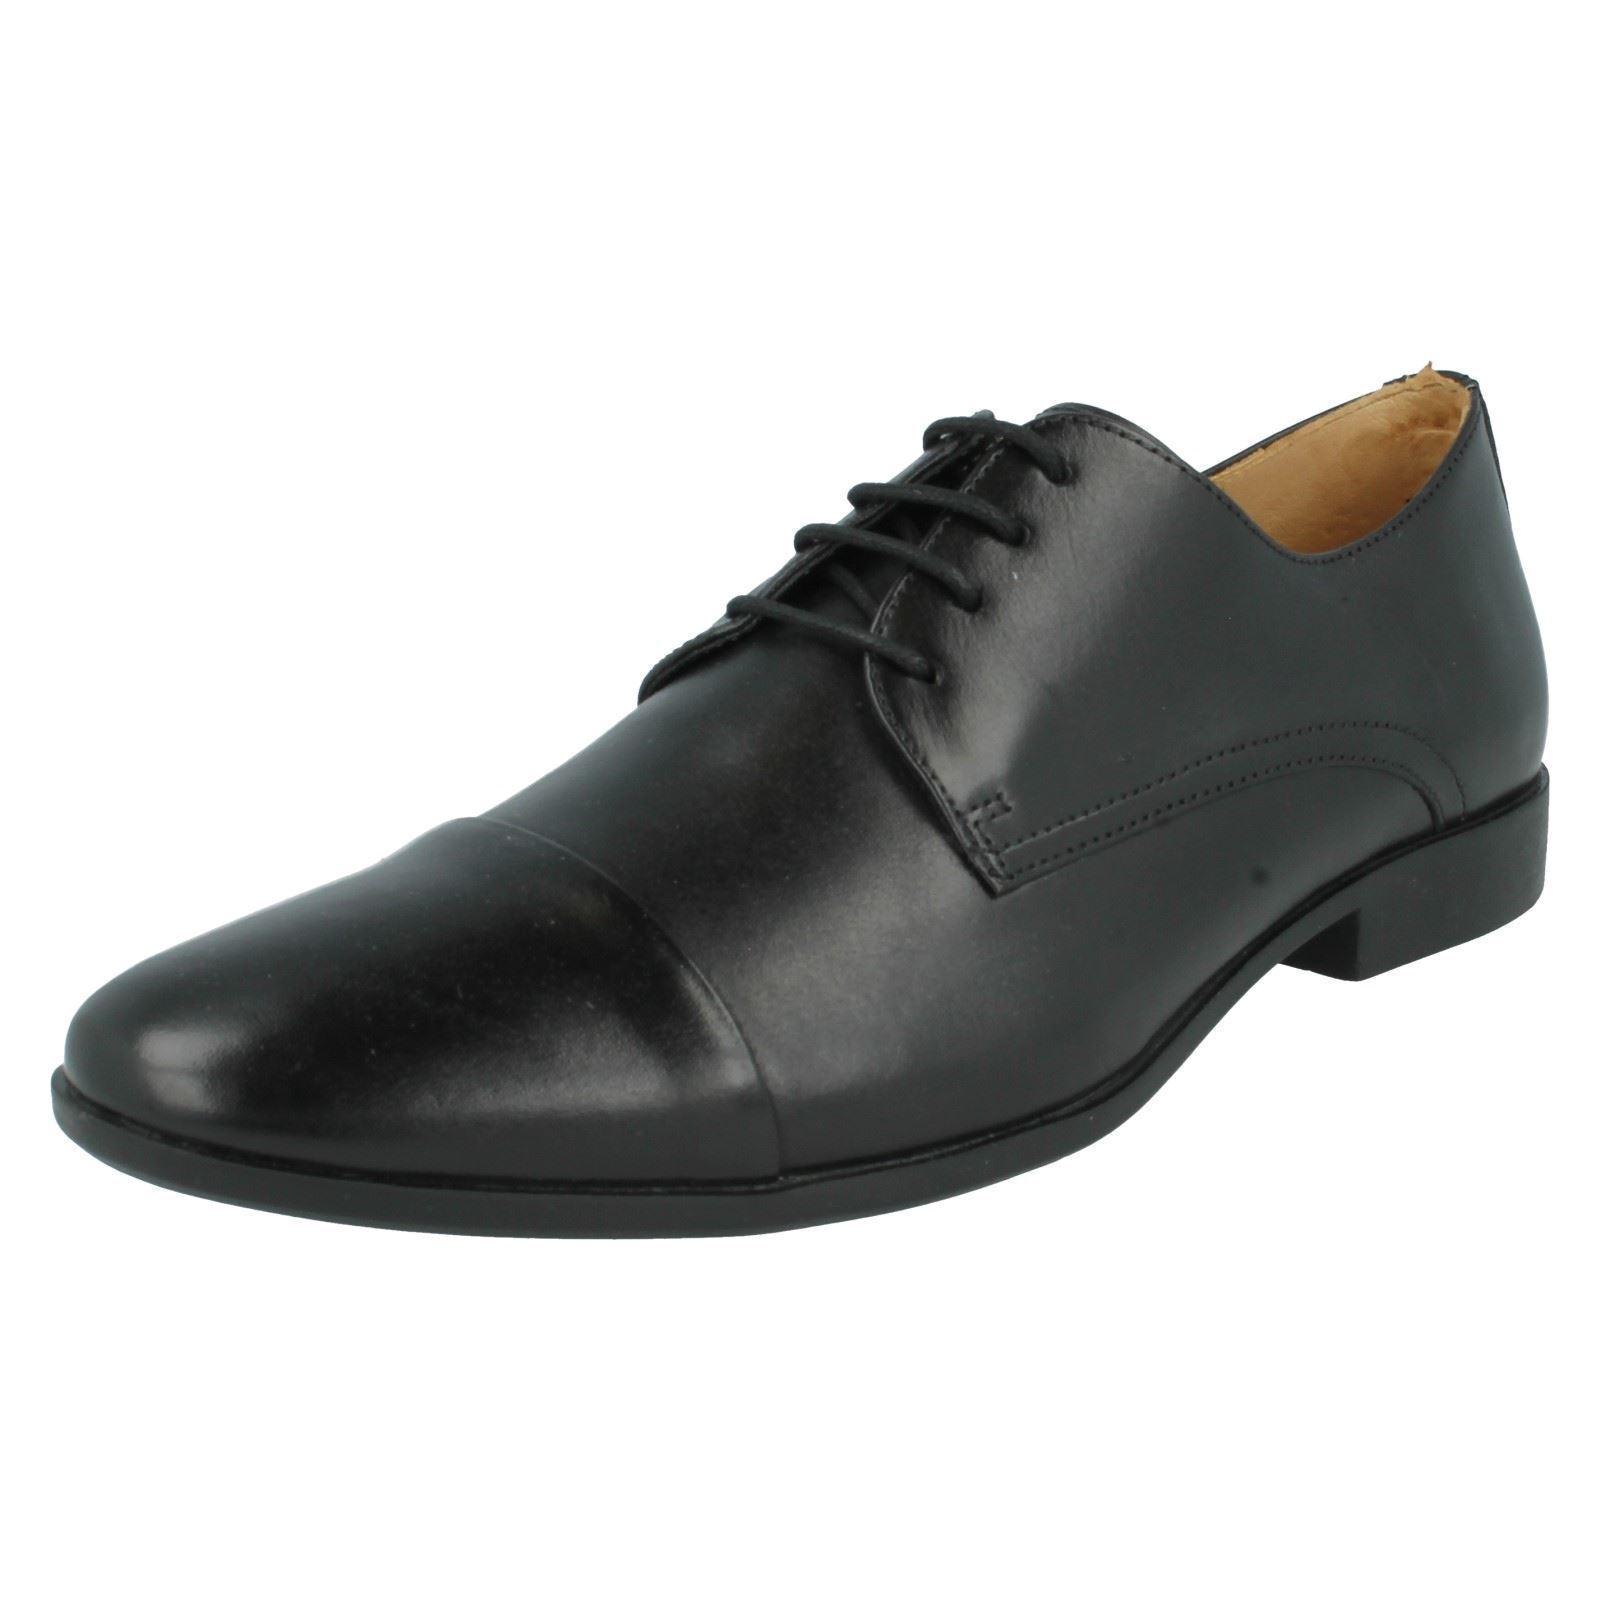 OFERTA Negro de hombre LEATHER estilo Anatomic And Co zapato estilo LEATHER Touch Amparo 6ab60f